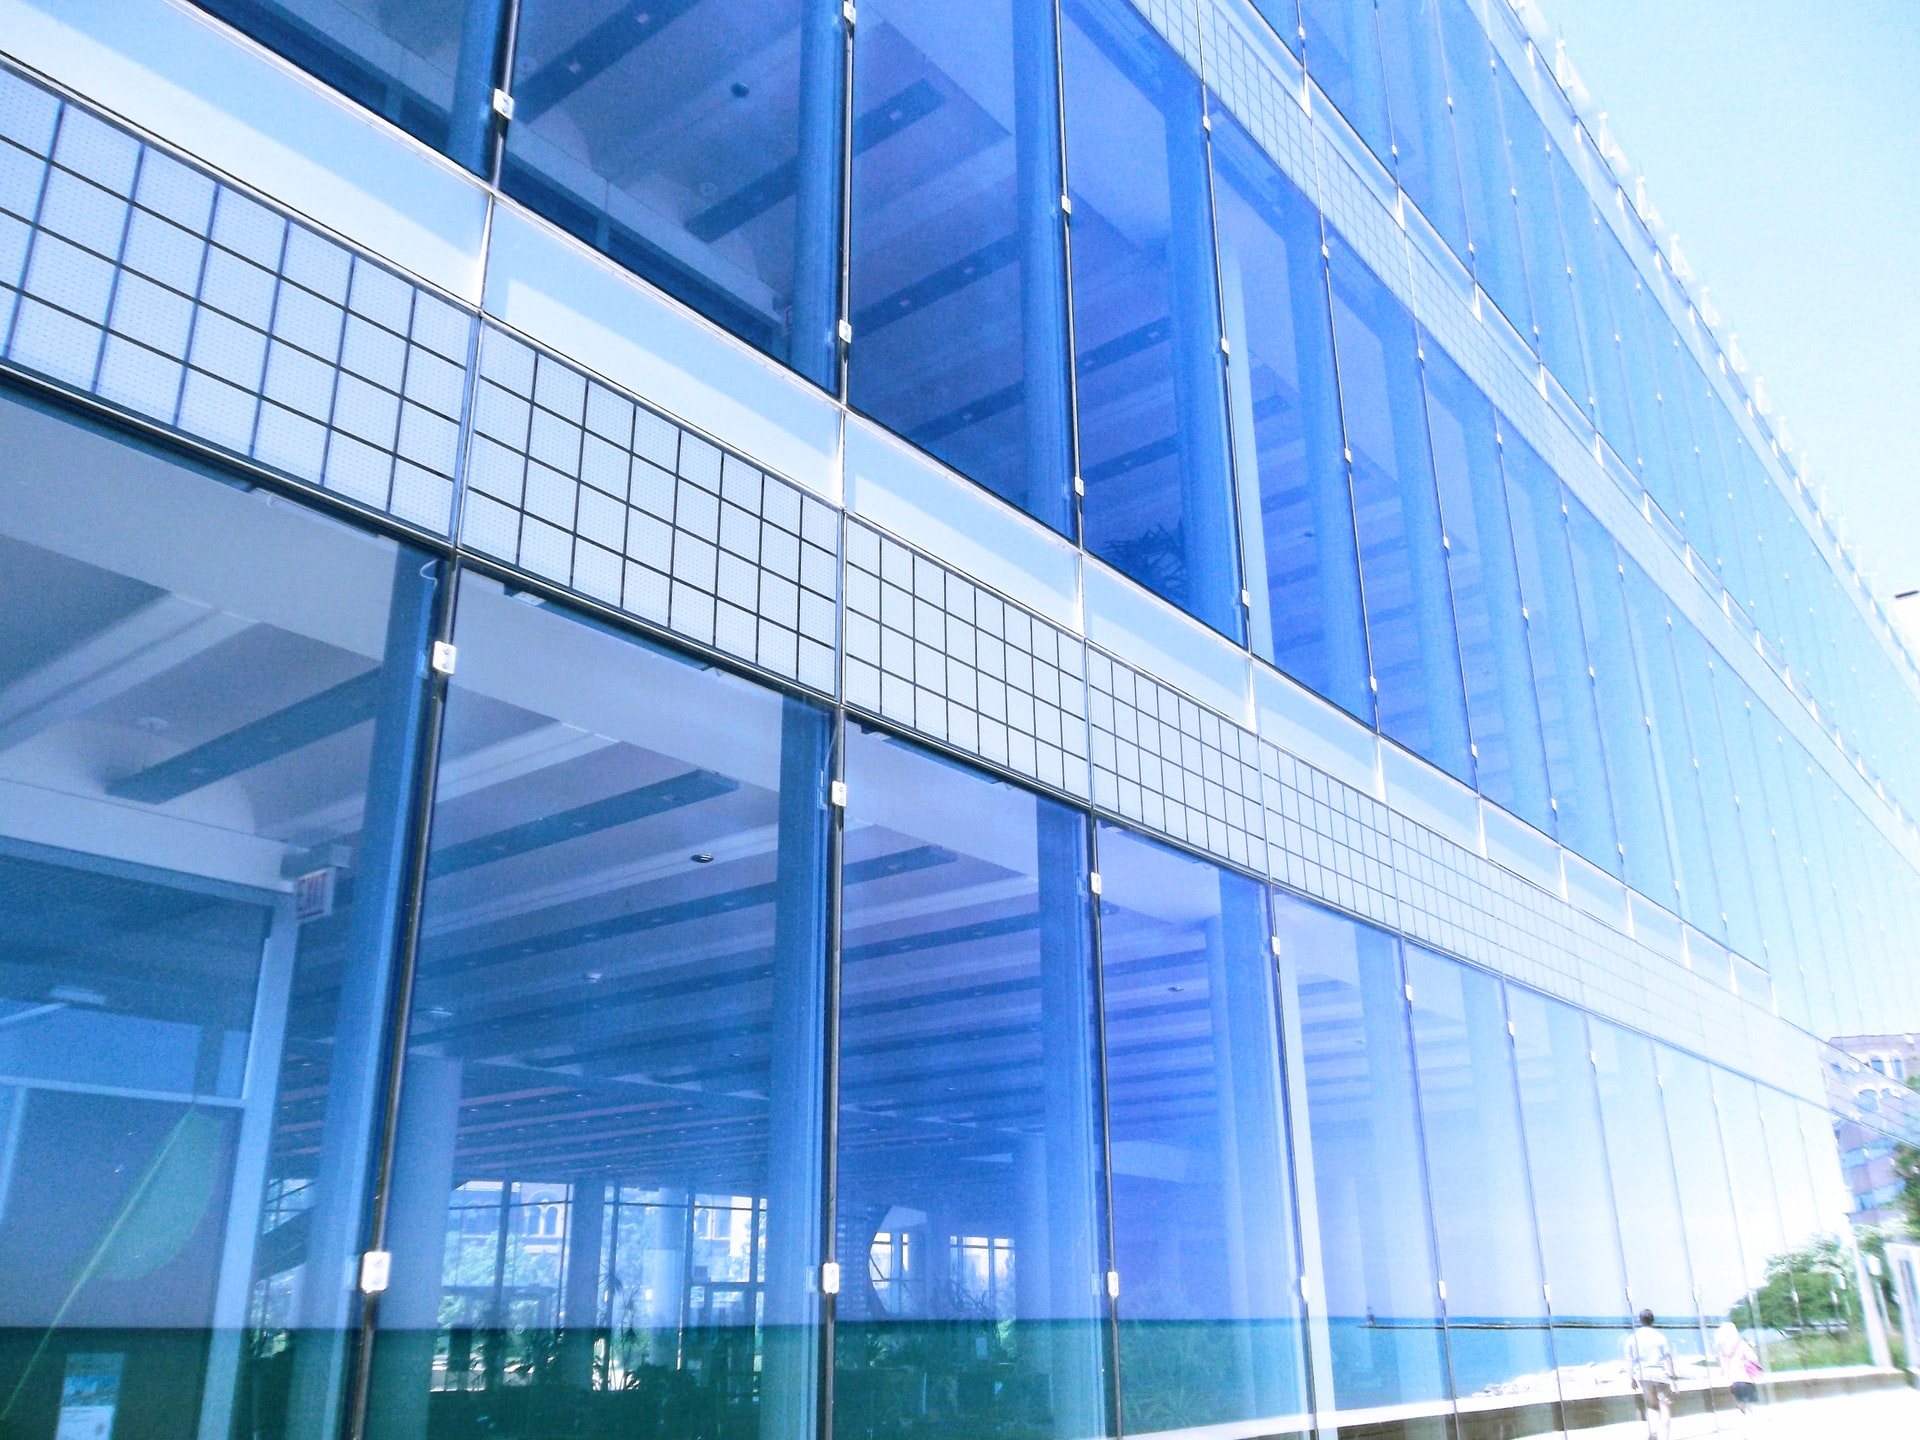 Szkło hartowane zastosowane w budynku